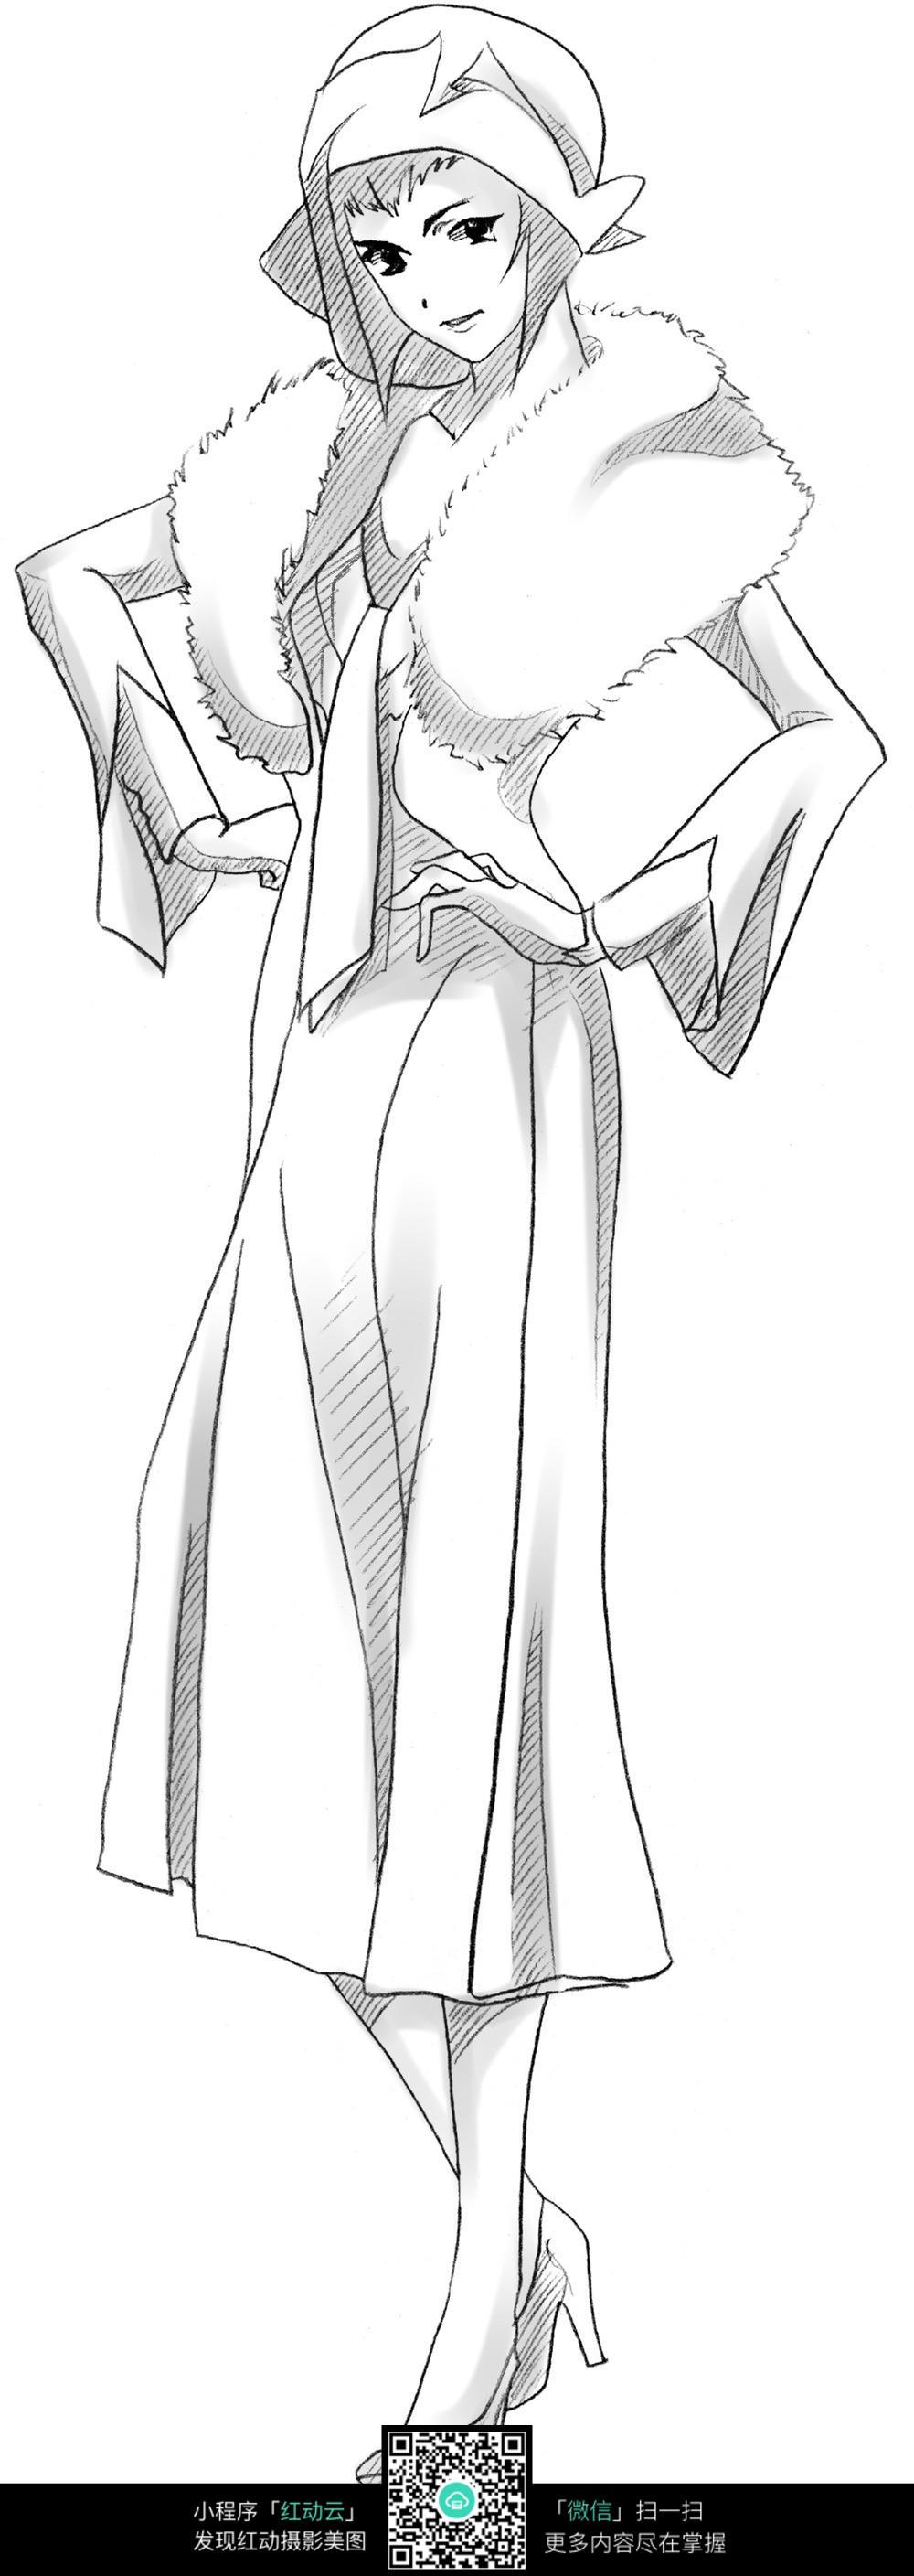 穿着高贵礼服的女人线描